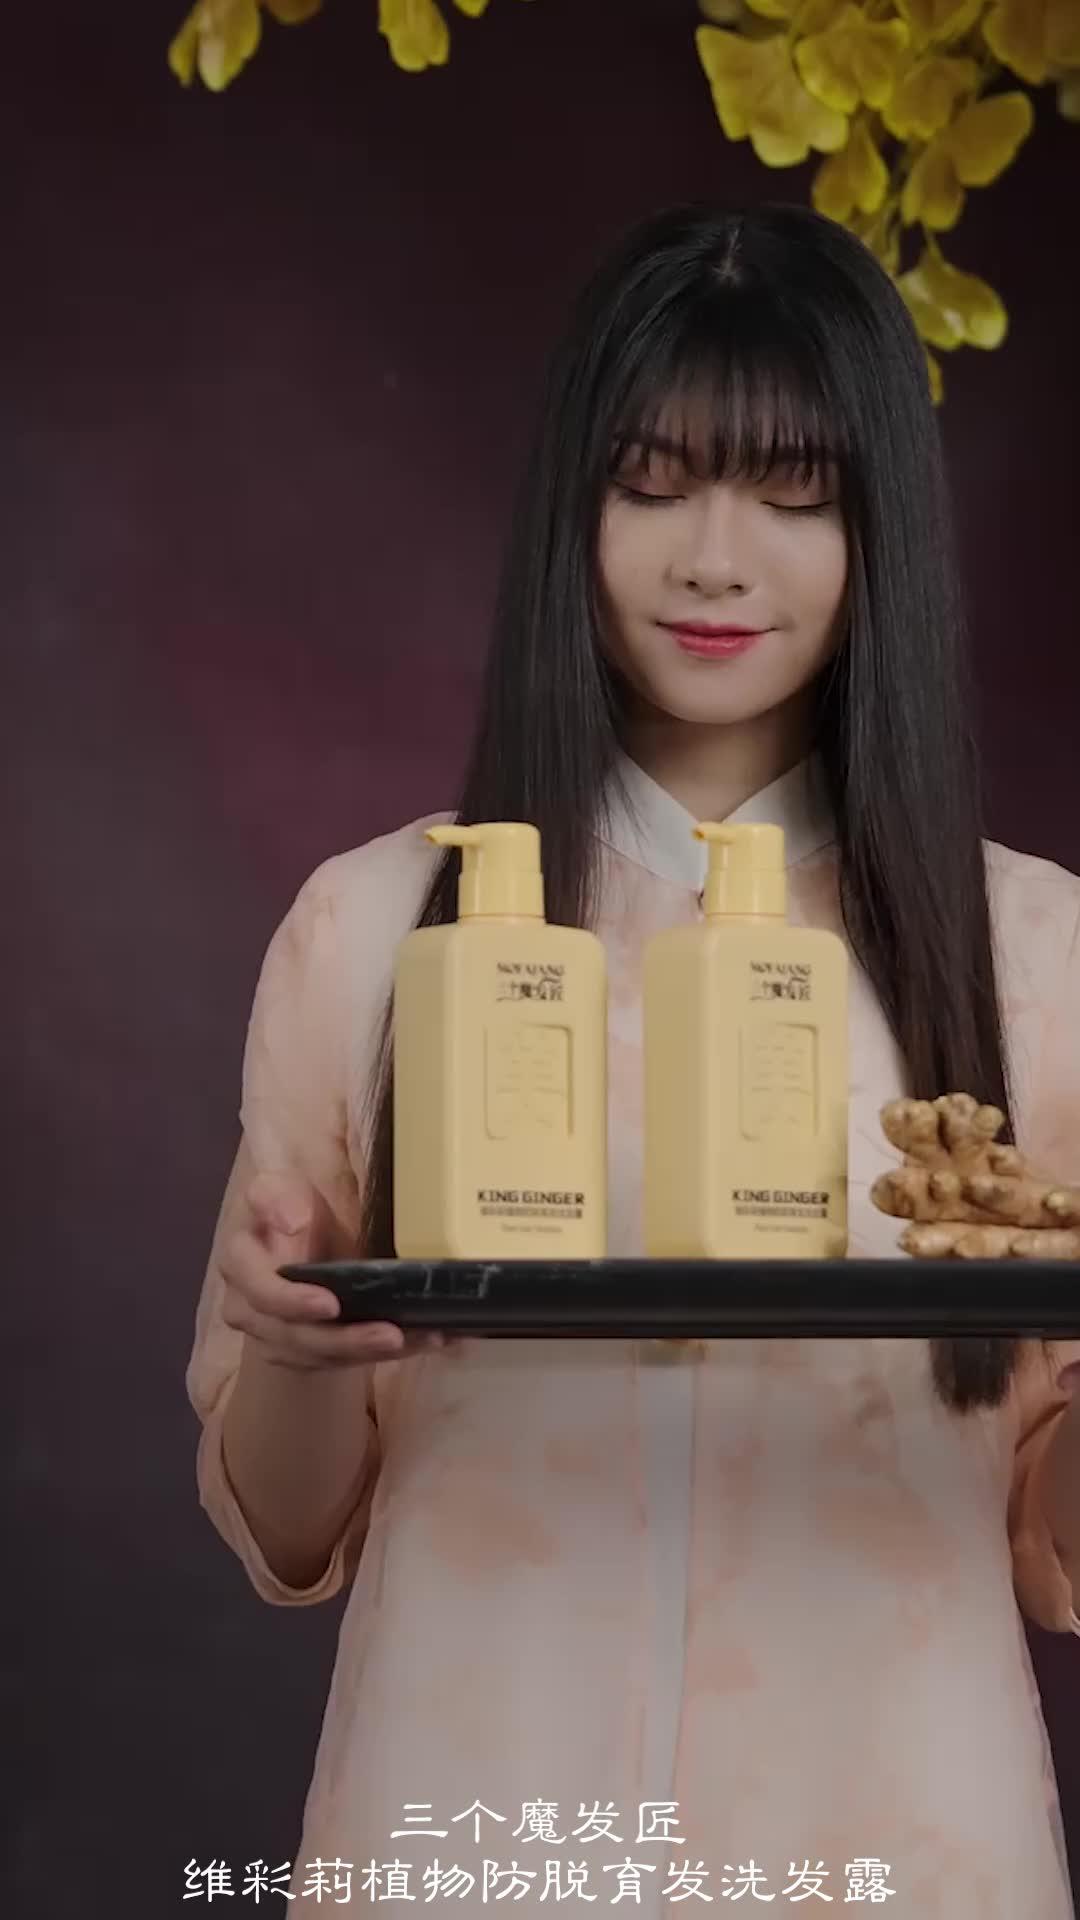 我叫小白: 今天带你们看看广告大片,反正我看完感觉挺好的,可能因为我用了这洗发水觉得挺好用的吧#洗发水推荐 #好看